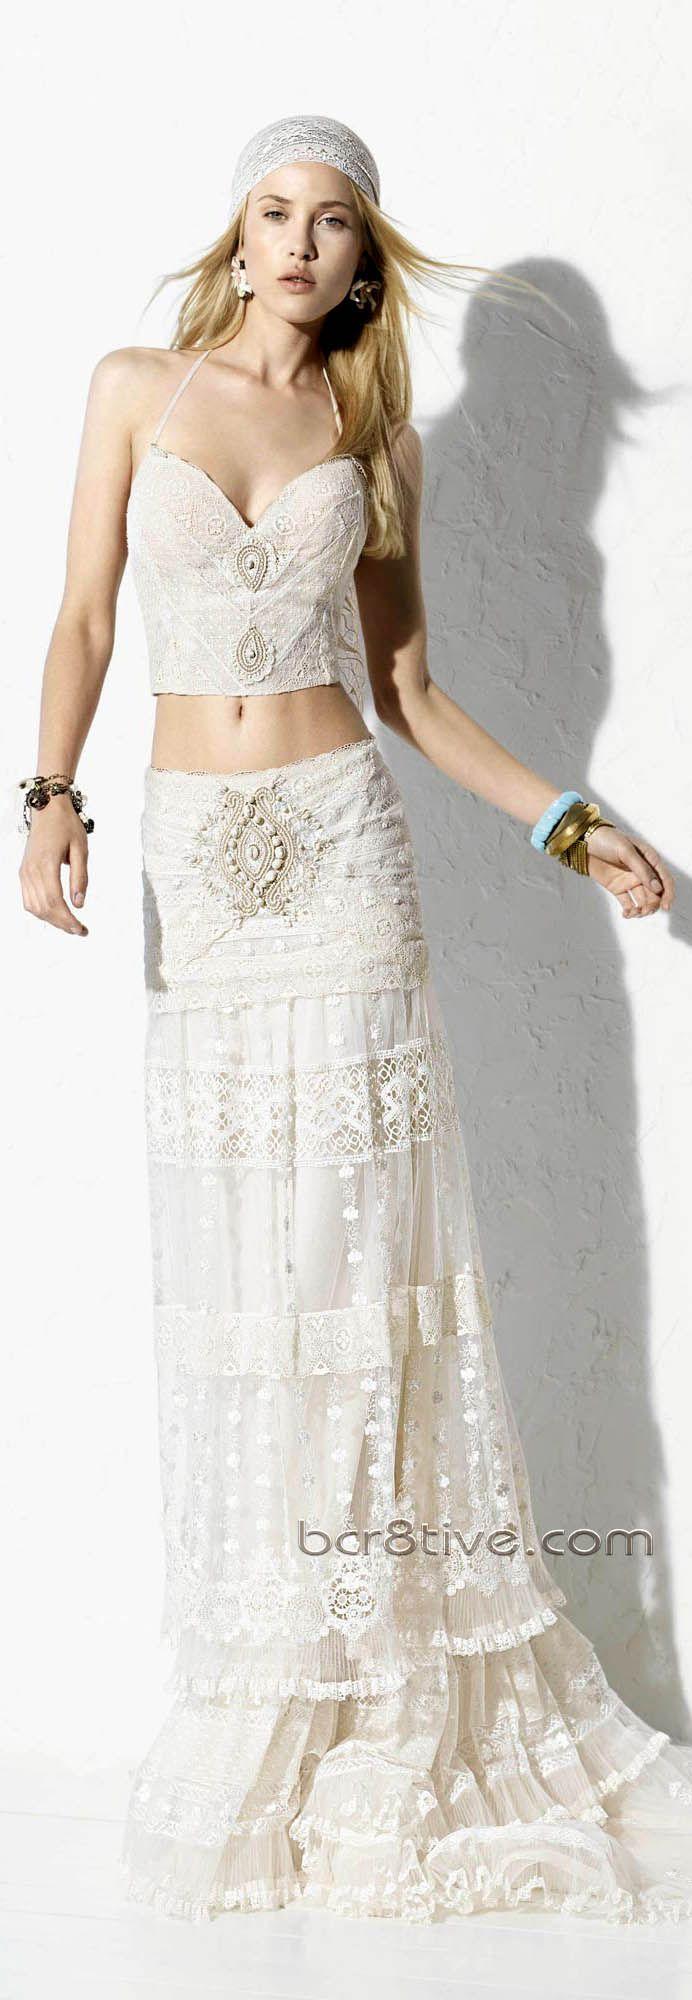 #Yolan Cris 2013 Ibiza Bridal Collection  <3Gown for a beach Wedding